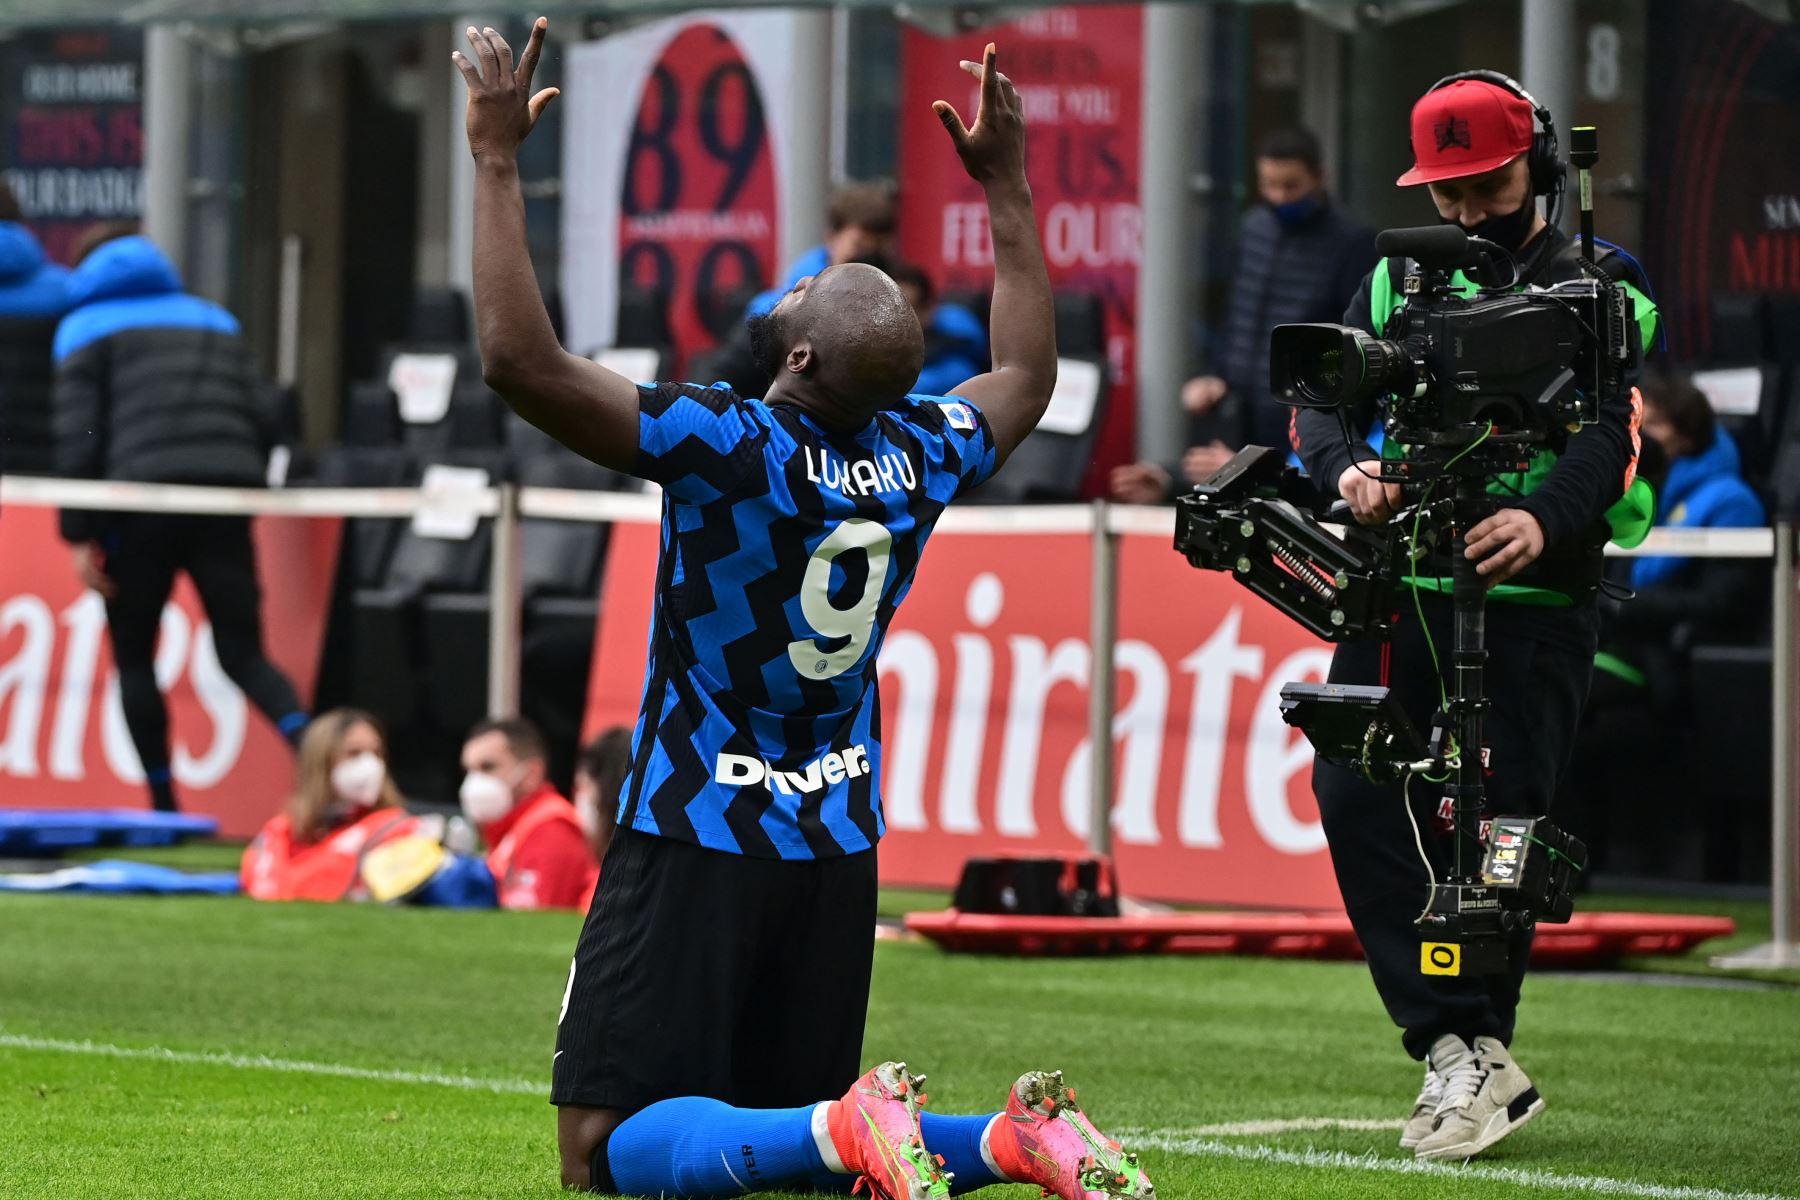 El delantero belga del Inter de Milán Romelu Lukaku celebra tras anotar el tercer gol durante el partido de fútbol de la Serie A italiana AC Milán vs Inter de Milán. Foto: AFP